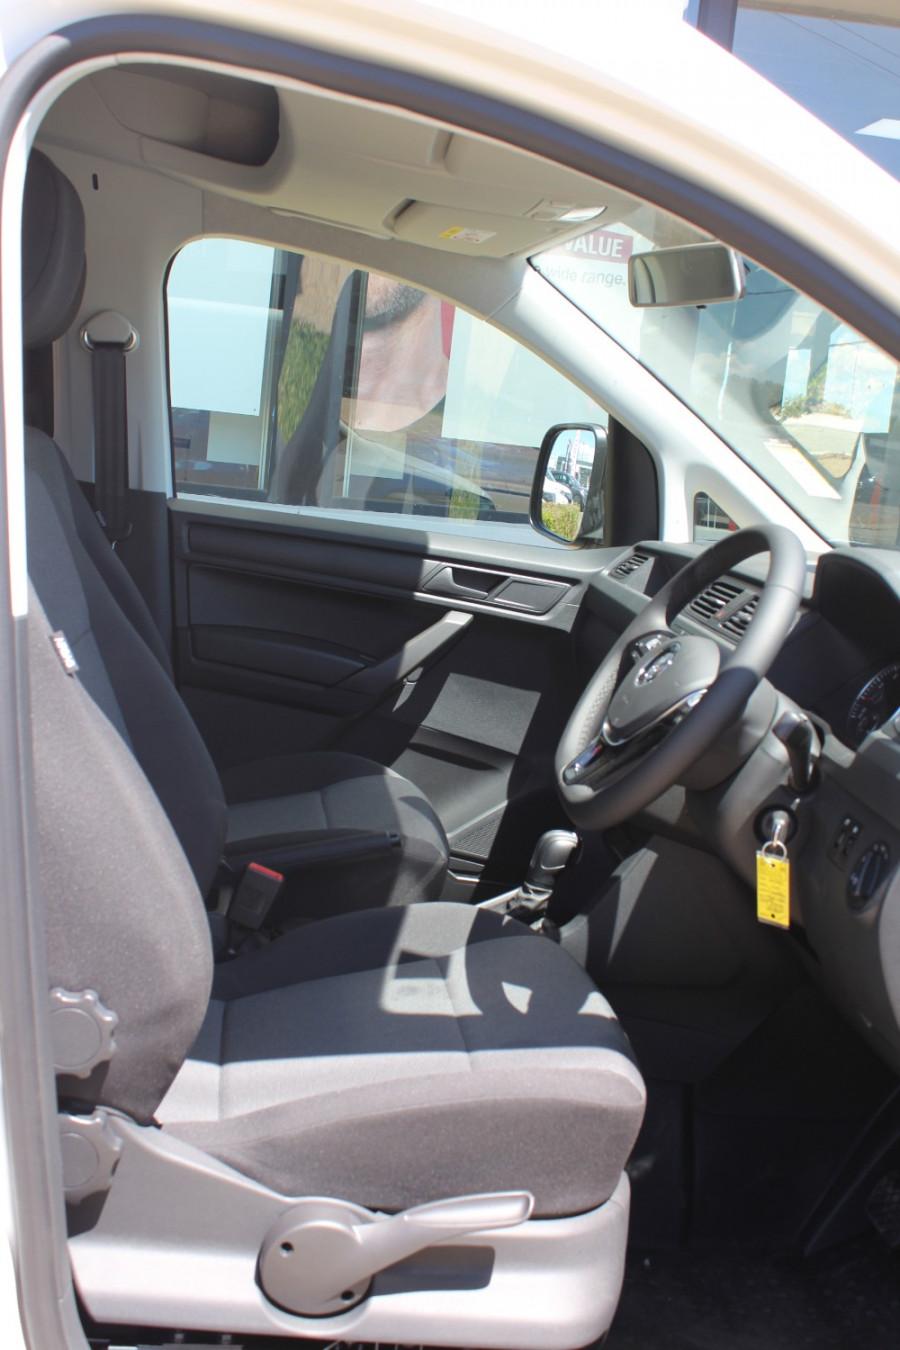 2020 Volkswagen Caddy 2K Maxi Van Lwb van Image 11